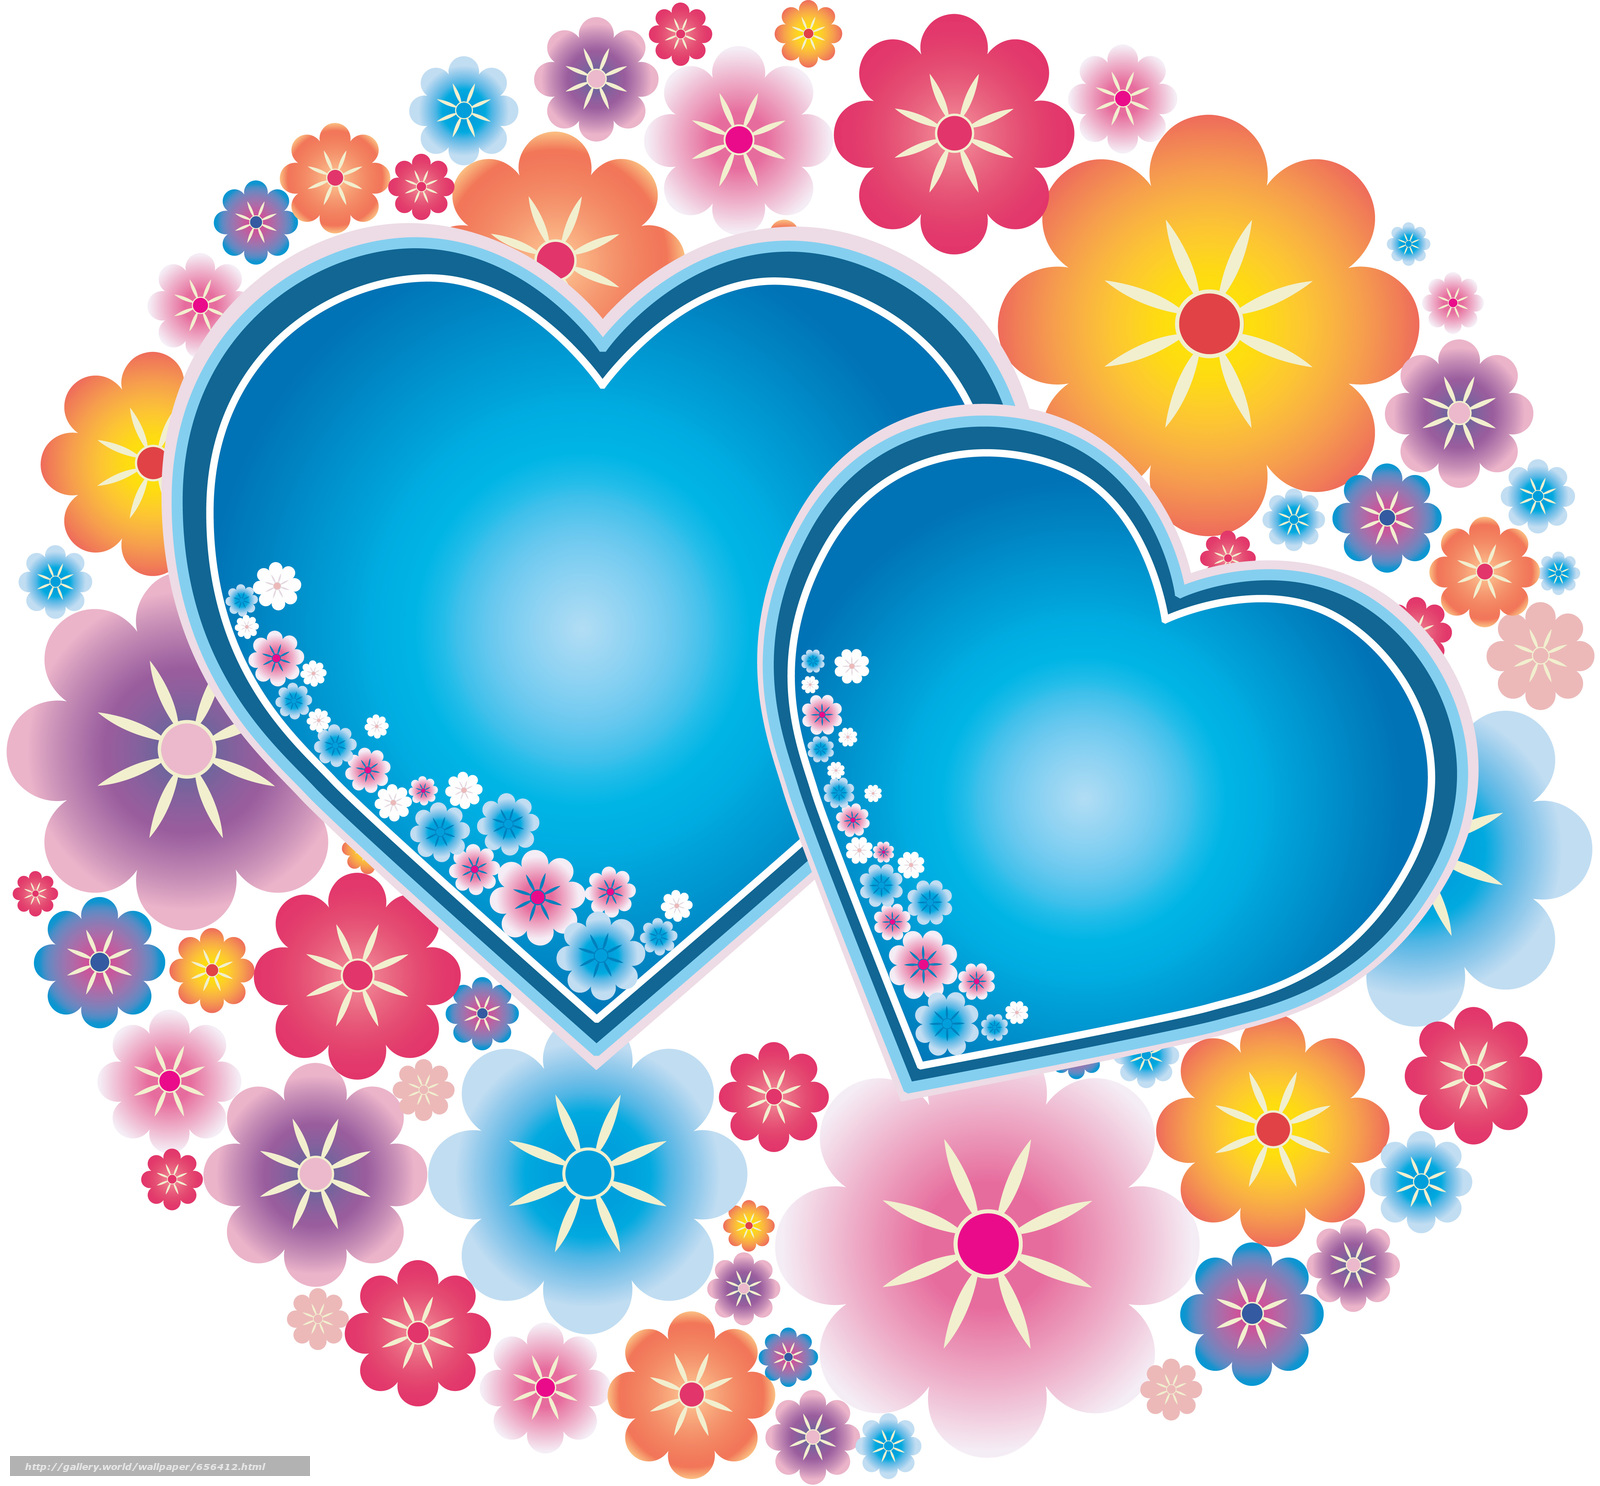 Скачать обои день святого валентина,  день всех влюбленных,  праздник,  сердце бесплатно для рабочего стола в разрешении 5000x4645 — картинка №656412